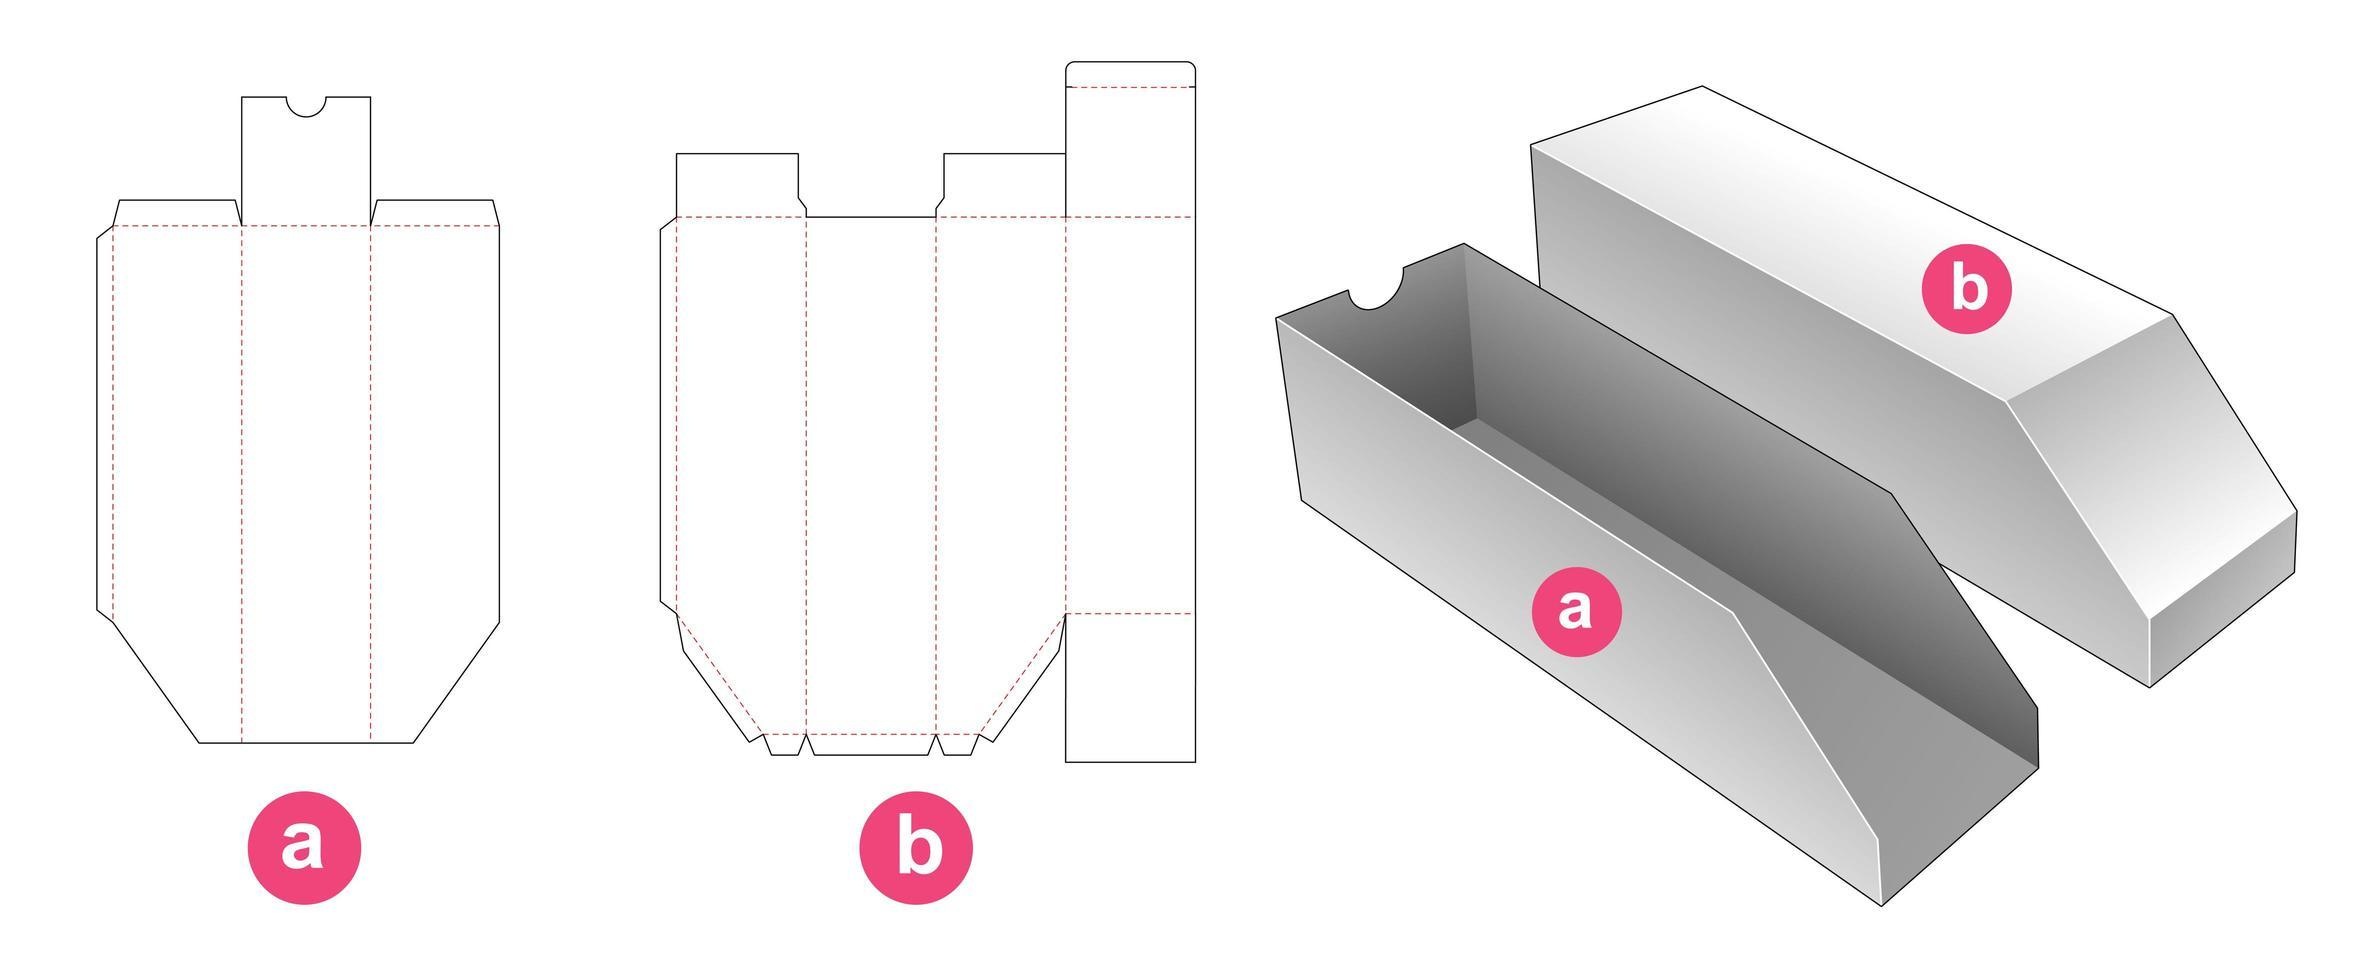 caixa de embalagem chanfrada com molde de corte de molde de bandeja de inserção vetor